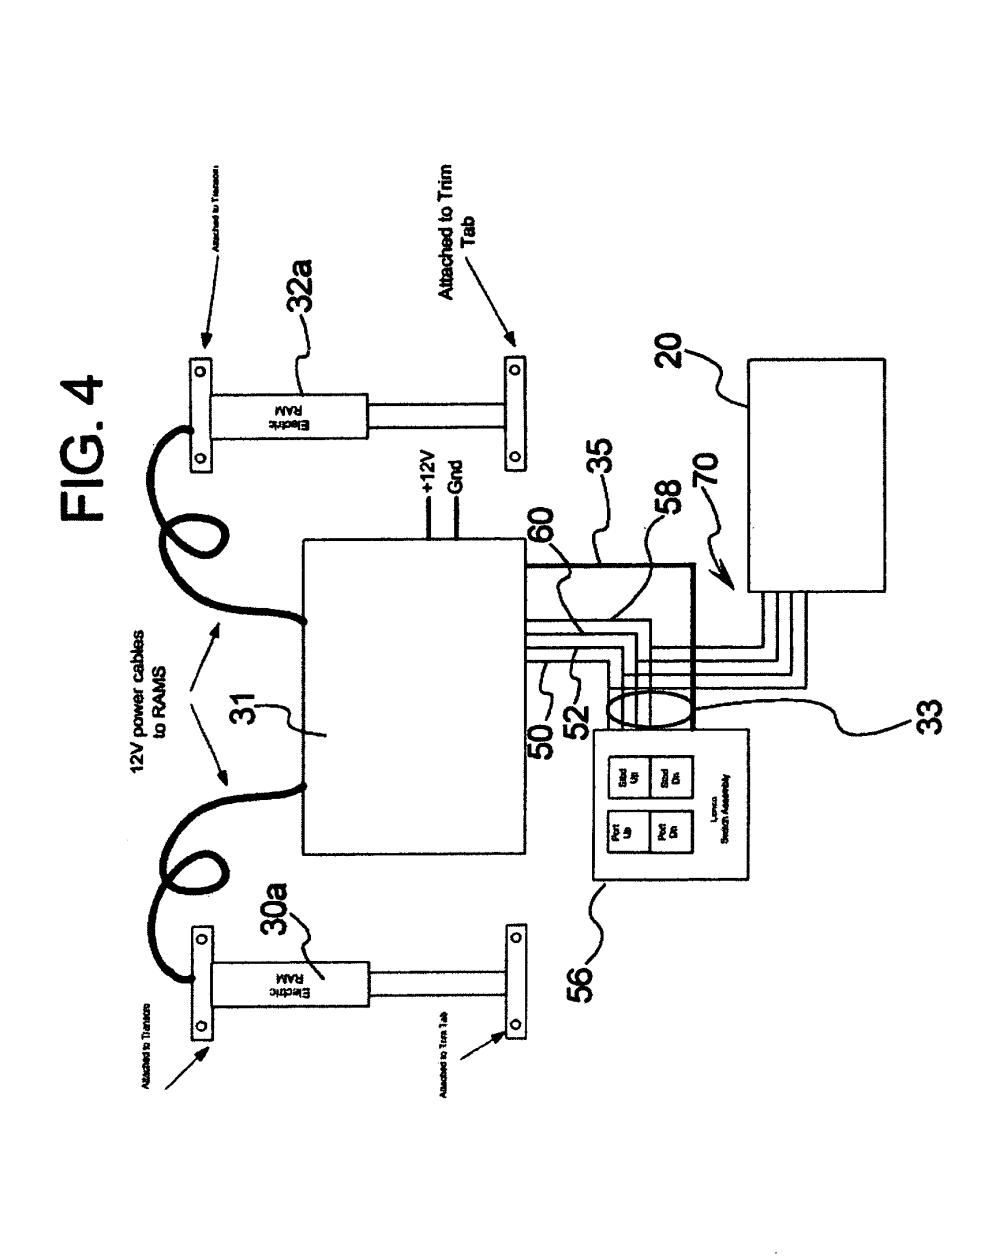 medium resolution of boat trim tabs wiring diagram blog wiring diagram trim tabs wiring harness wiring diagram wiring schematics free